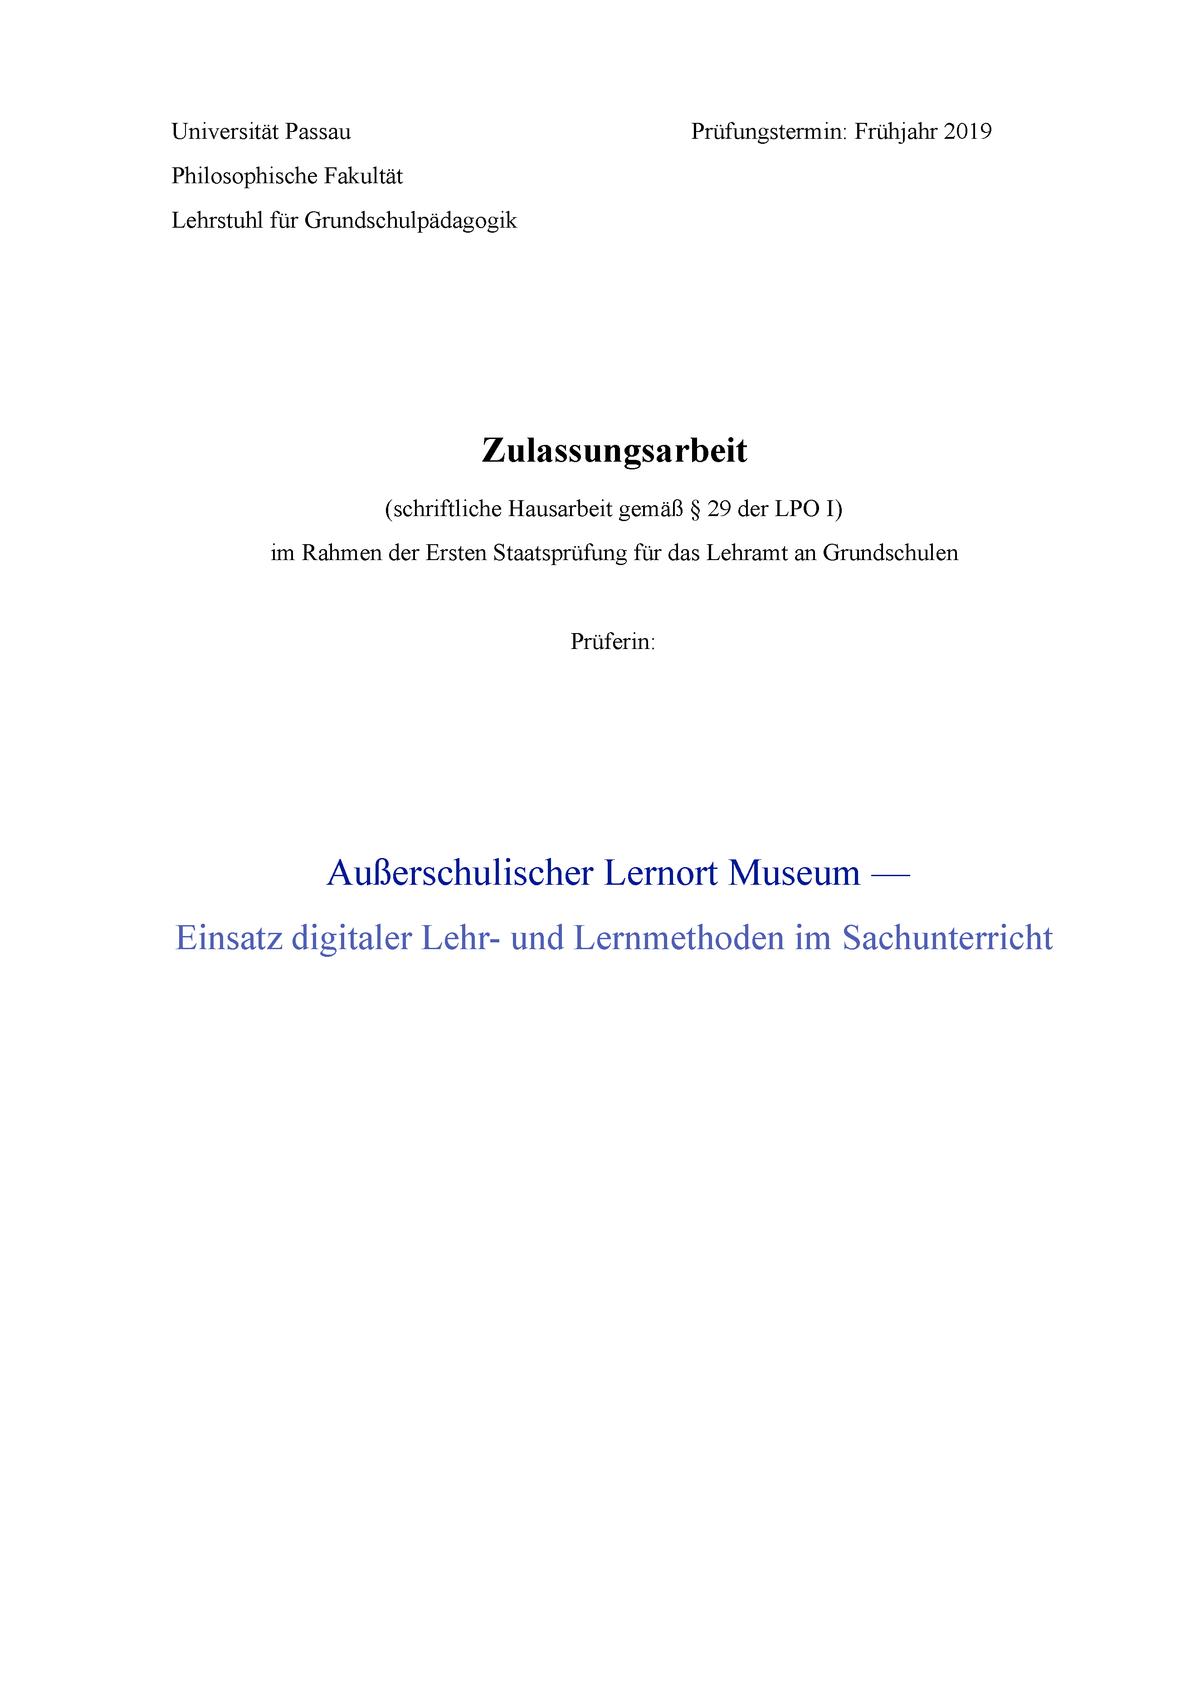 Zulassungsarbeit Ausserschulischer Lernort Museum Einsatz Digitaler Lehr Und Lernmethoden Im Sachunterricht Studocu